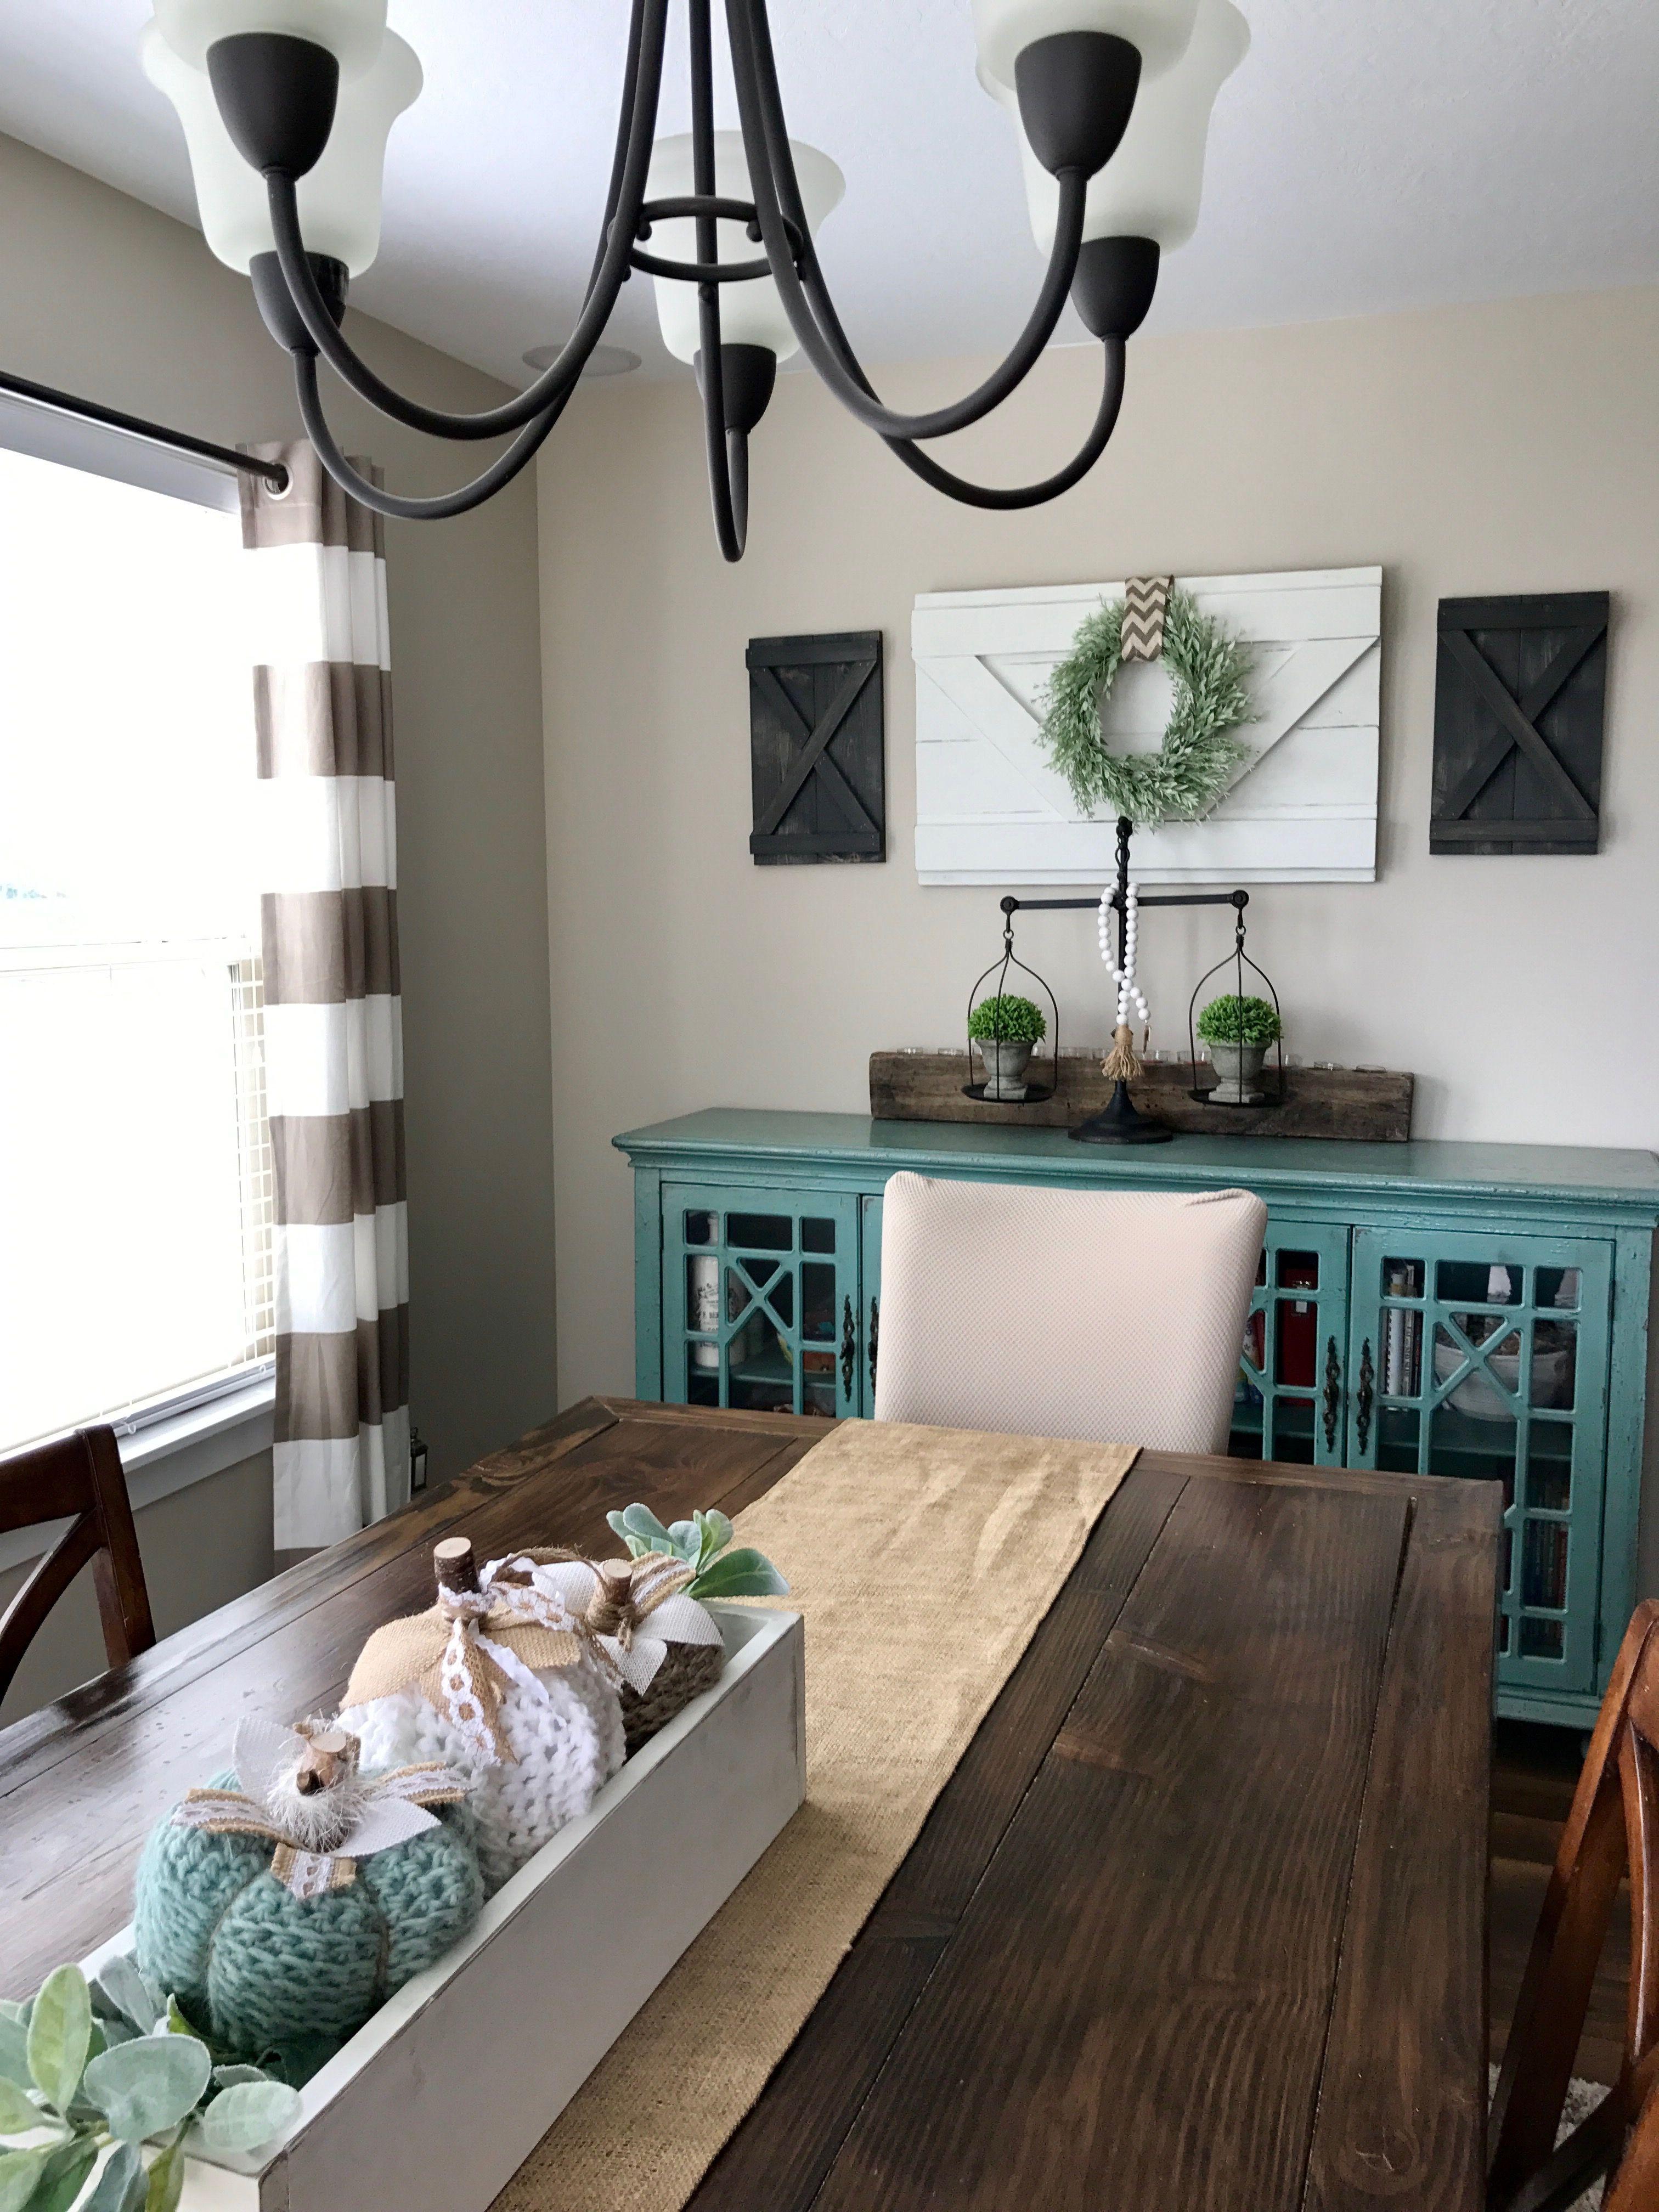 Interior Shutters. Large Wall Decor. Decorative Shutters. Wood Caddy.  Crochet Pumpkins.